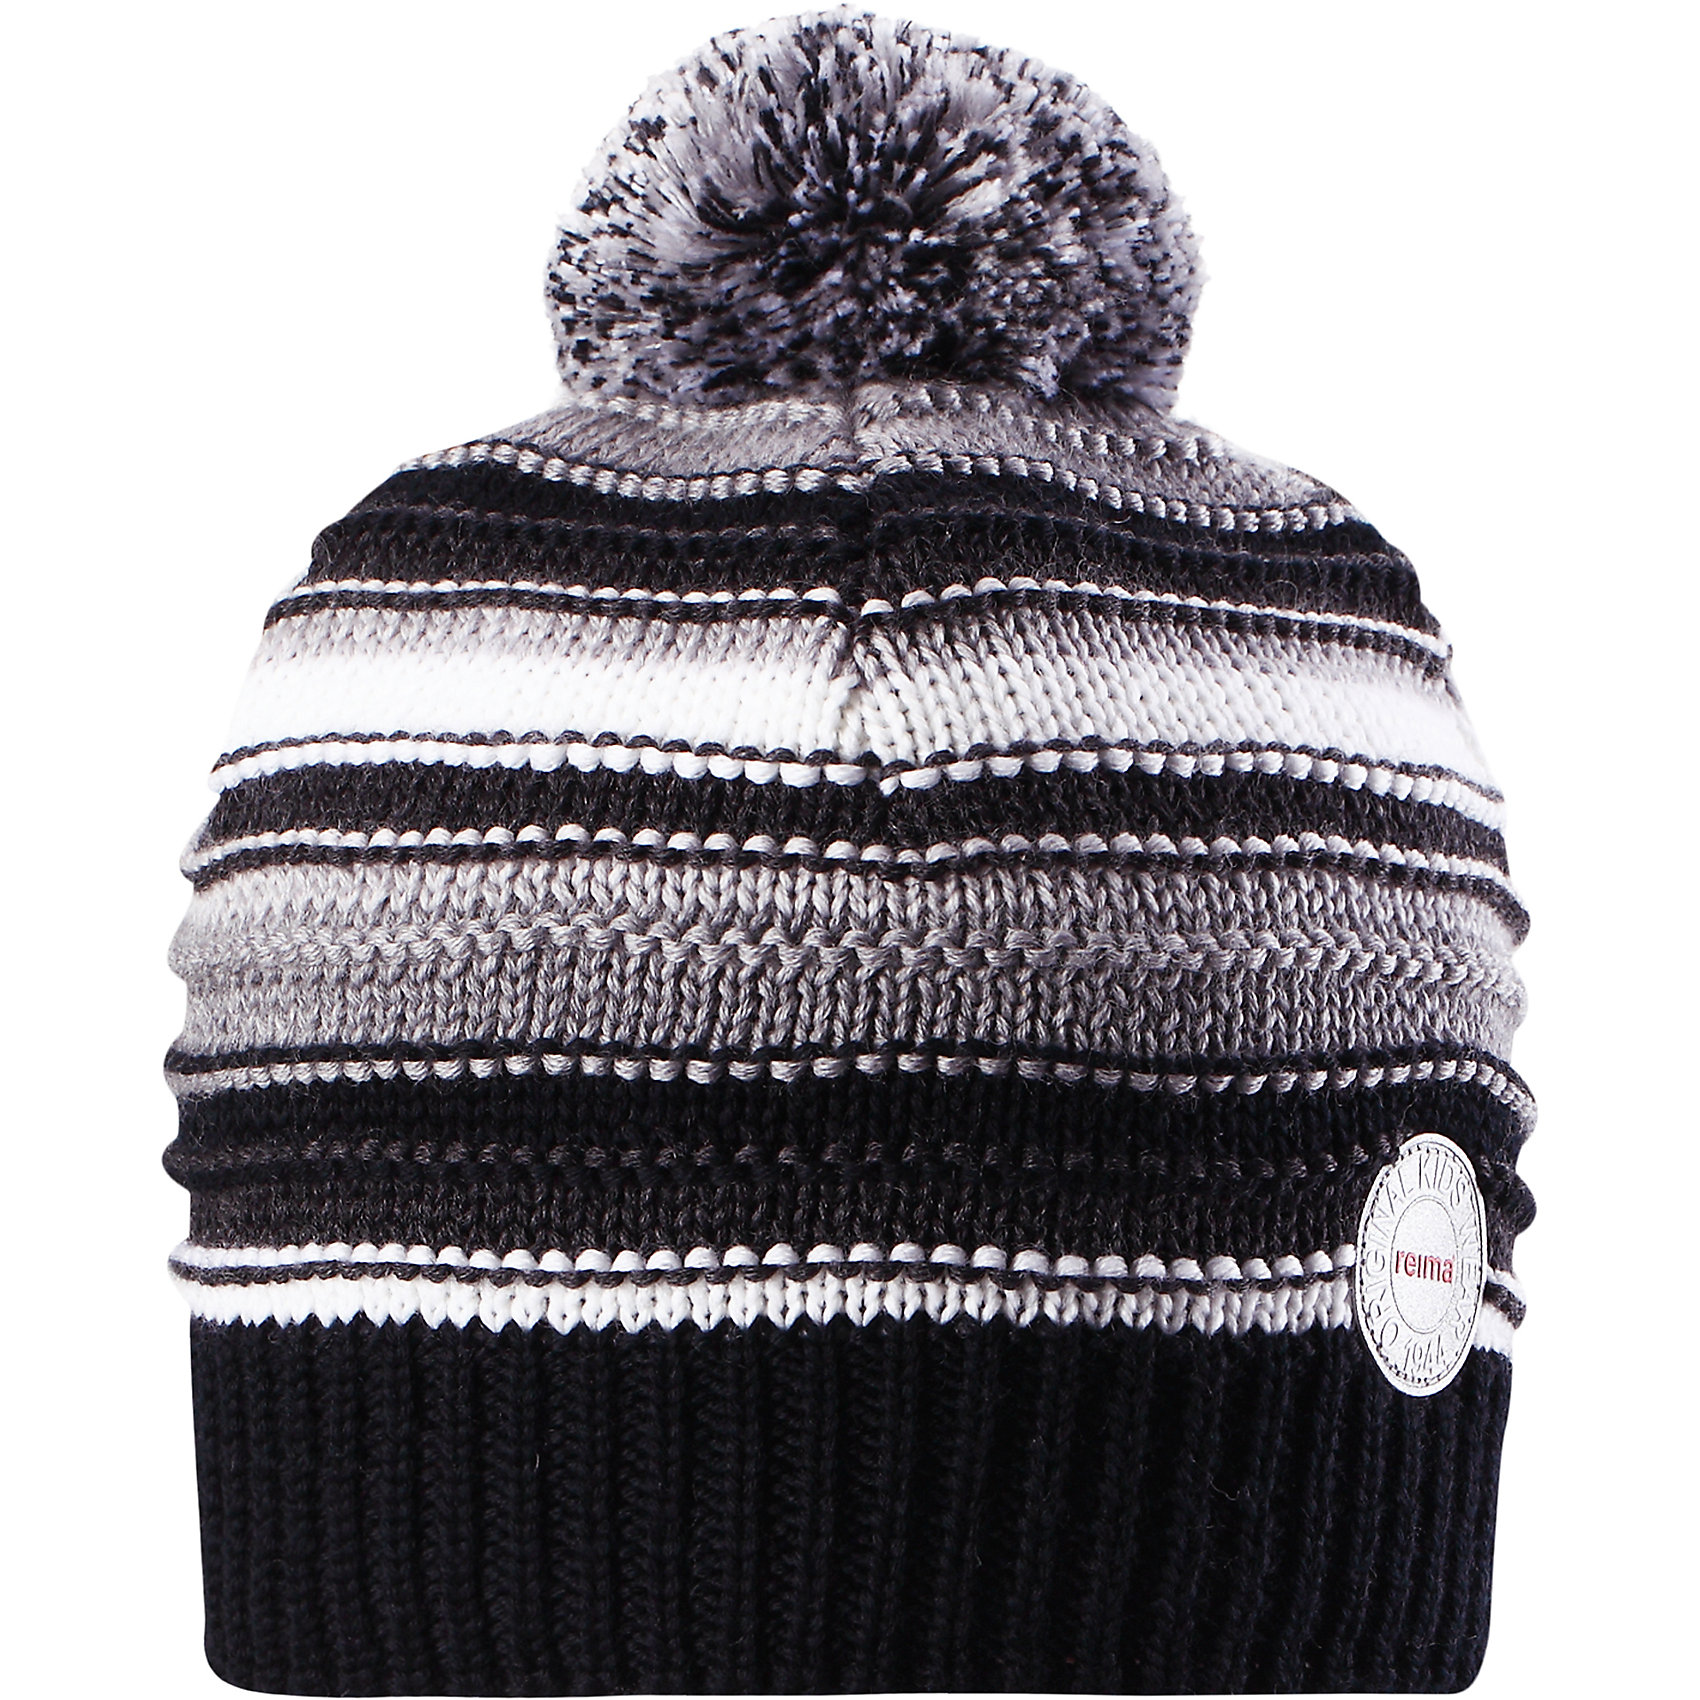 Шапка Reima HurmosГоловные уборы<br>Характеристики товара:<br><br>• цвет: черный;<br>• состав: 100% шерсть;<br>• подкладка: 97% хлопок, 3% эластан;<br>• утеплитель: 40 г/м2;<br>• сезон: зима;<br>• температурный режим: от 0 до -20С;<br>• мягкая ткань из мериносовой шерсти для поддержания идеальной температуры тела;<br>• ветронепроницаемые вставки в области ушей;<br>• сплошная подкладка: мягкий теплый флис;<br>• шапка с помпоном;<br>• логотип Reima® сзади;<br>• страна бренда: Финляндия;<br>• страна изготовитель: Китай.<br><br>Шапка для малышей и детей постарше изготовлена из дышащей и теплой мериносовой шерсти. Мягкая флисовая подкладка гарантирует тепло, а ветронепроницаемые вставки между верхним слоем и подкладкой защищают уши. Помпон на макушке.<br><br>Шапку Hurmos Reima от финского бренда Reima (Рейма) можно купить в нашем интернет-магазине.<br><br>Ширина мм: 89<br>Глубина мм: 117<br>Высота мм: 44<br>Вес г: 155<br>Цвет: серый<br>Возраст от месяцев: 36<br>Возраст до месяцев: 48<br>Пол: Унисекс<br>Возраст: Детский<br>Размер: 50,56,52,54<br>SKU: 6902696